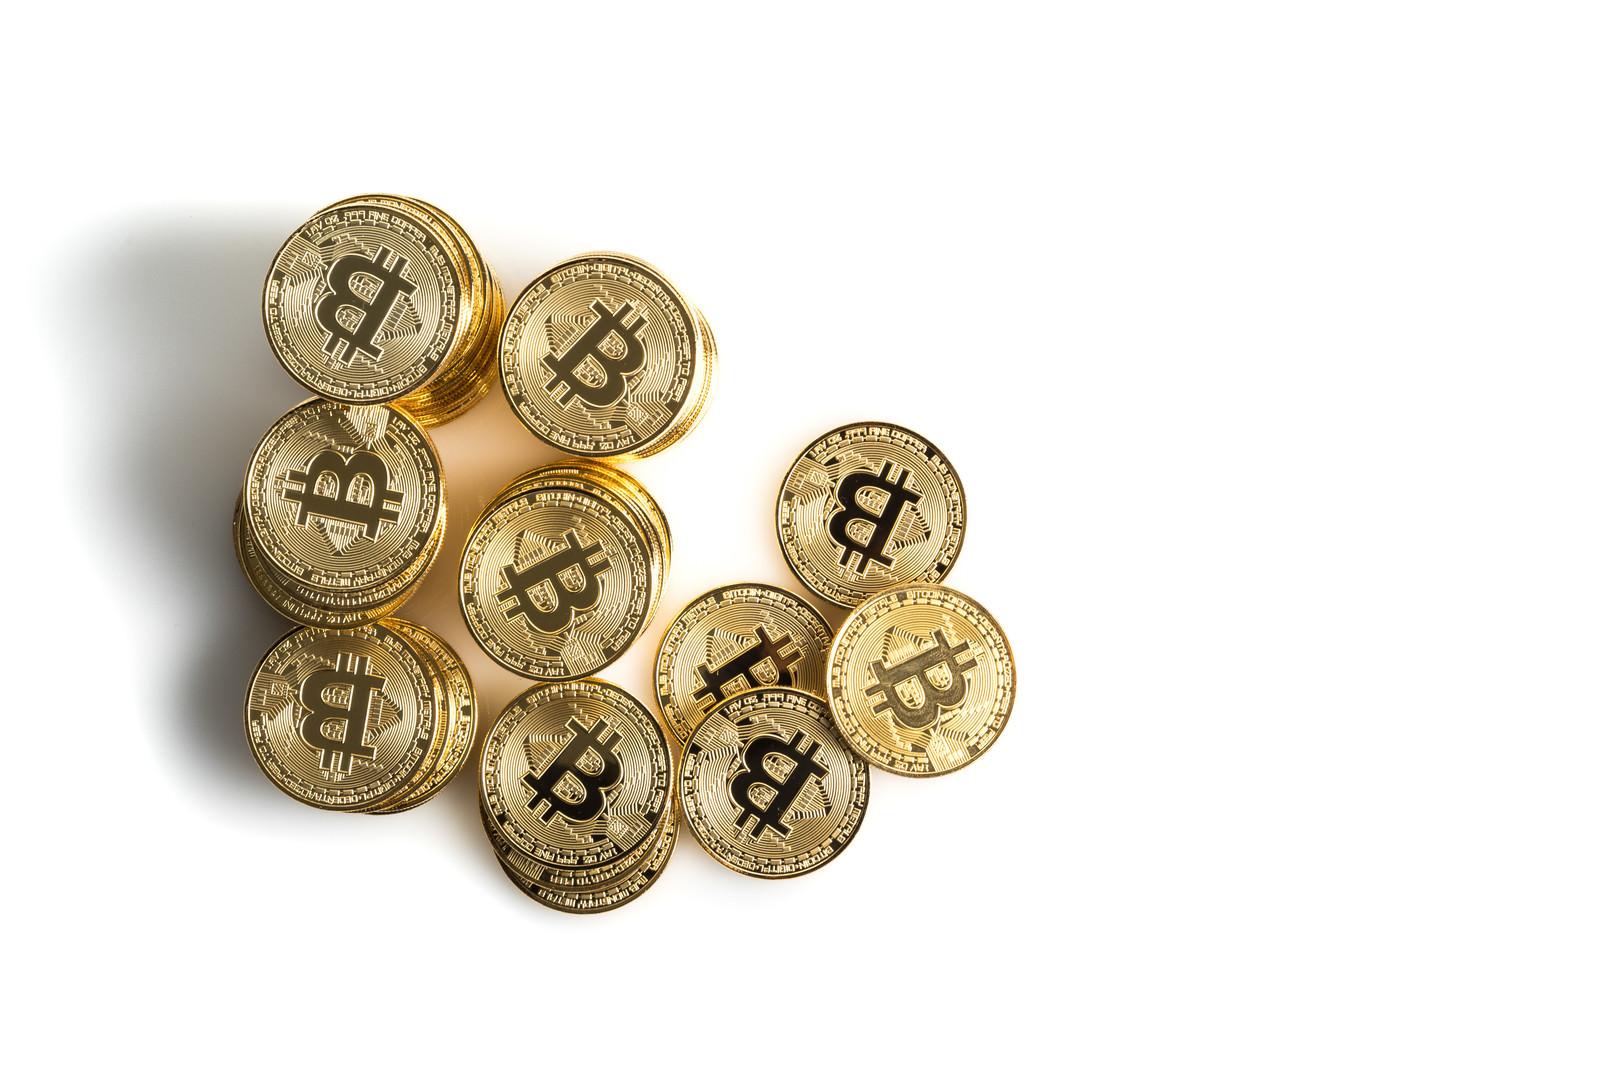 「ビットコイン(BTC)のメダルビットコイン(BTC)のメダル」のフリー写真素材を拡大